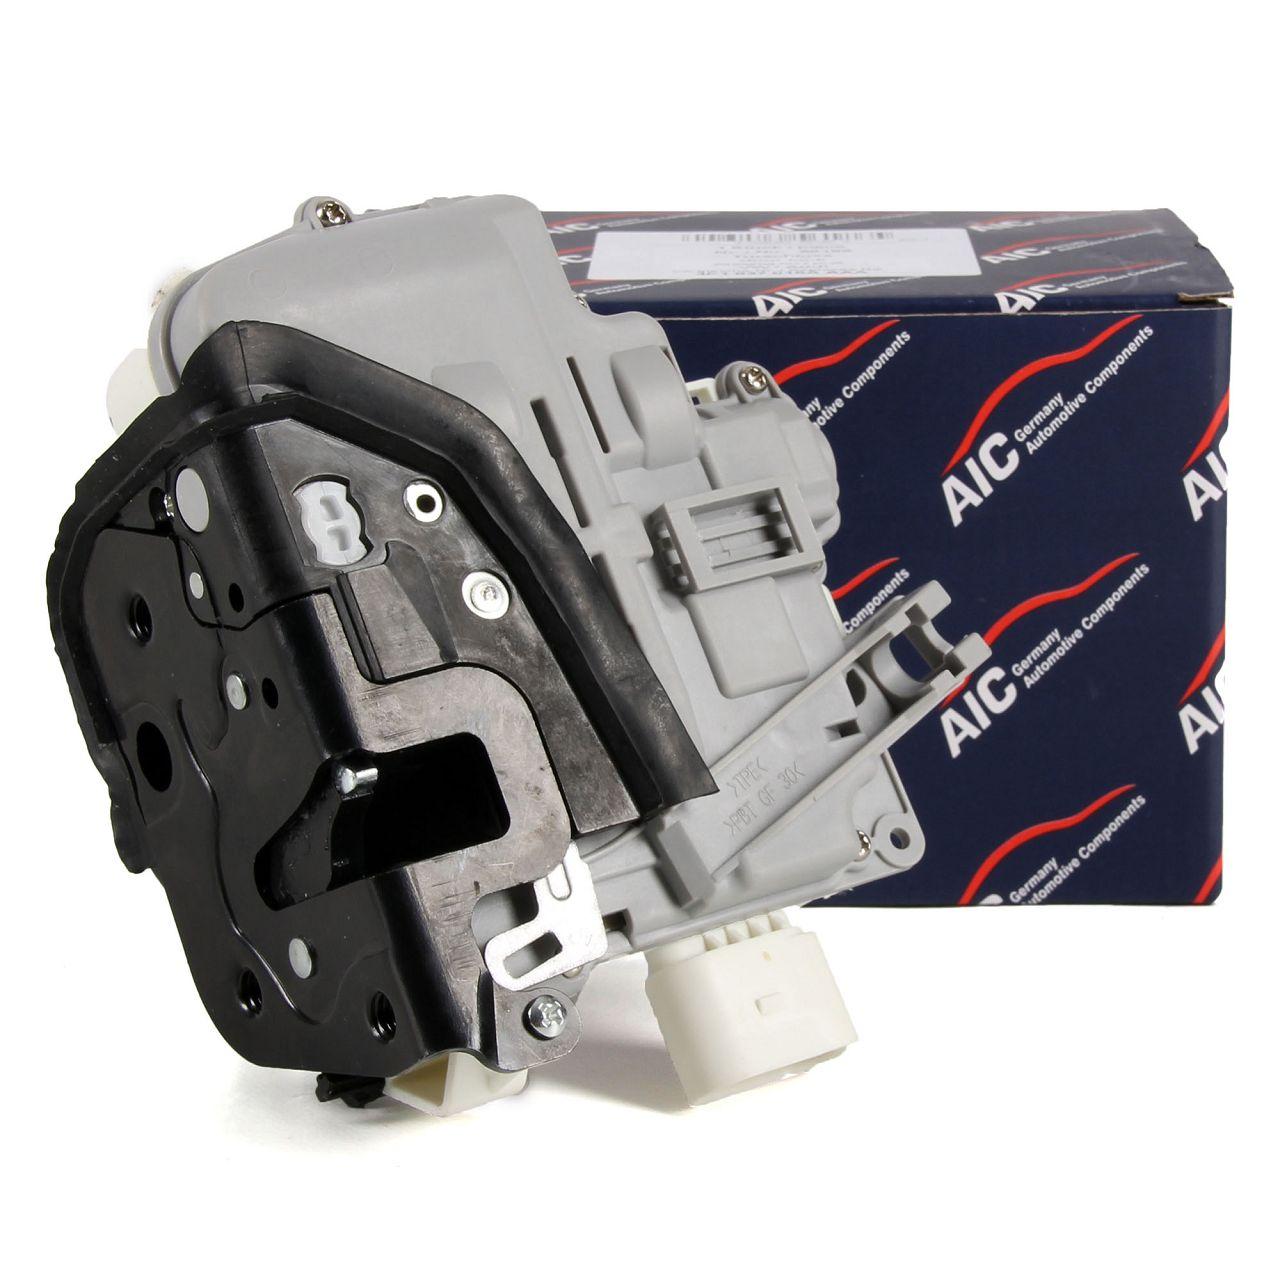 AIC Türschloss Stellmotor für AUDI A3 (8P) A6 (C6) A8 (4E) vorne links